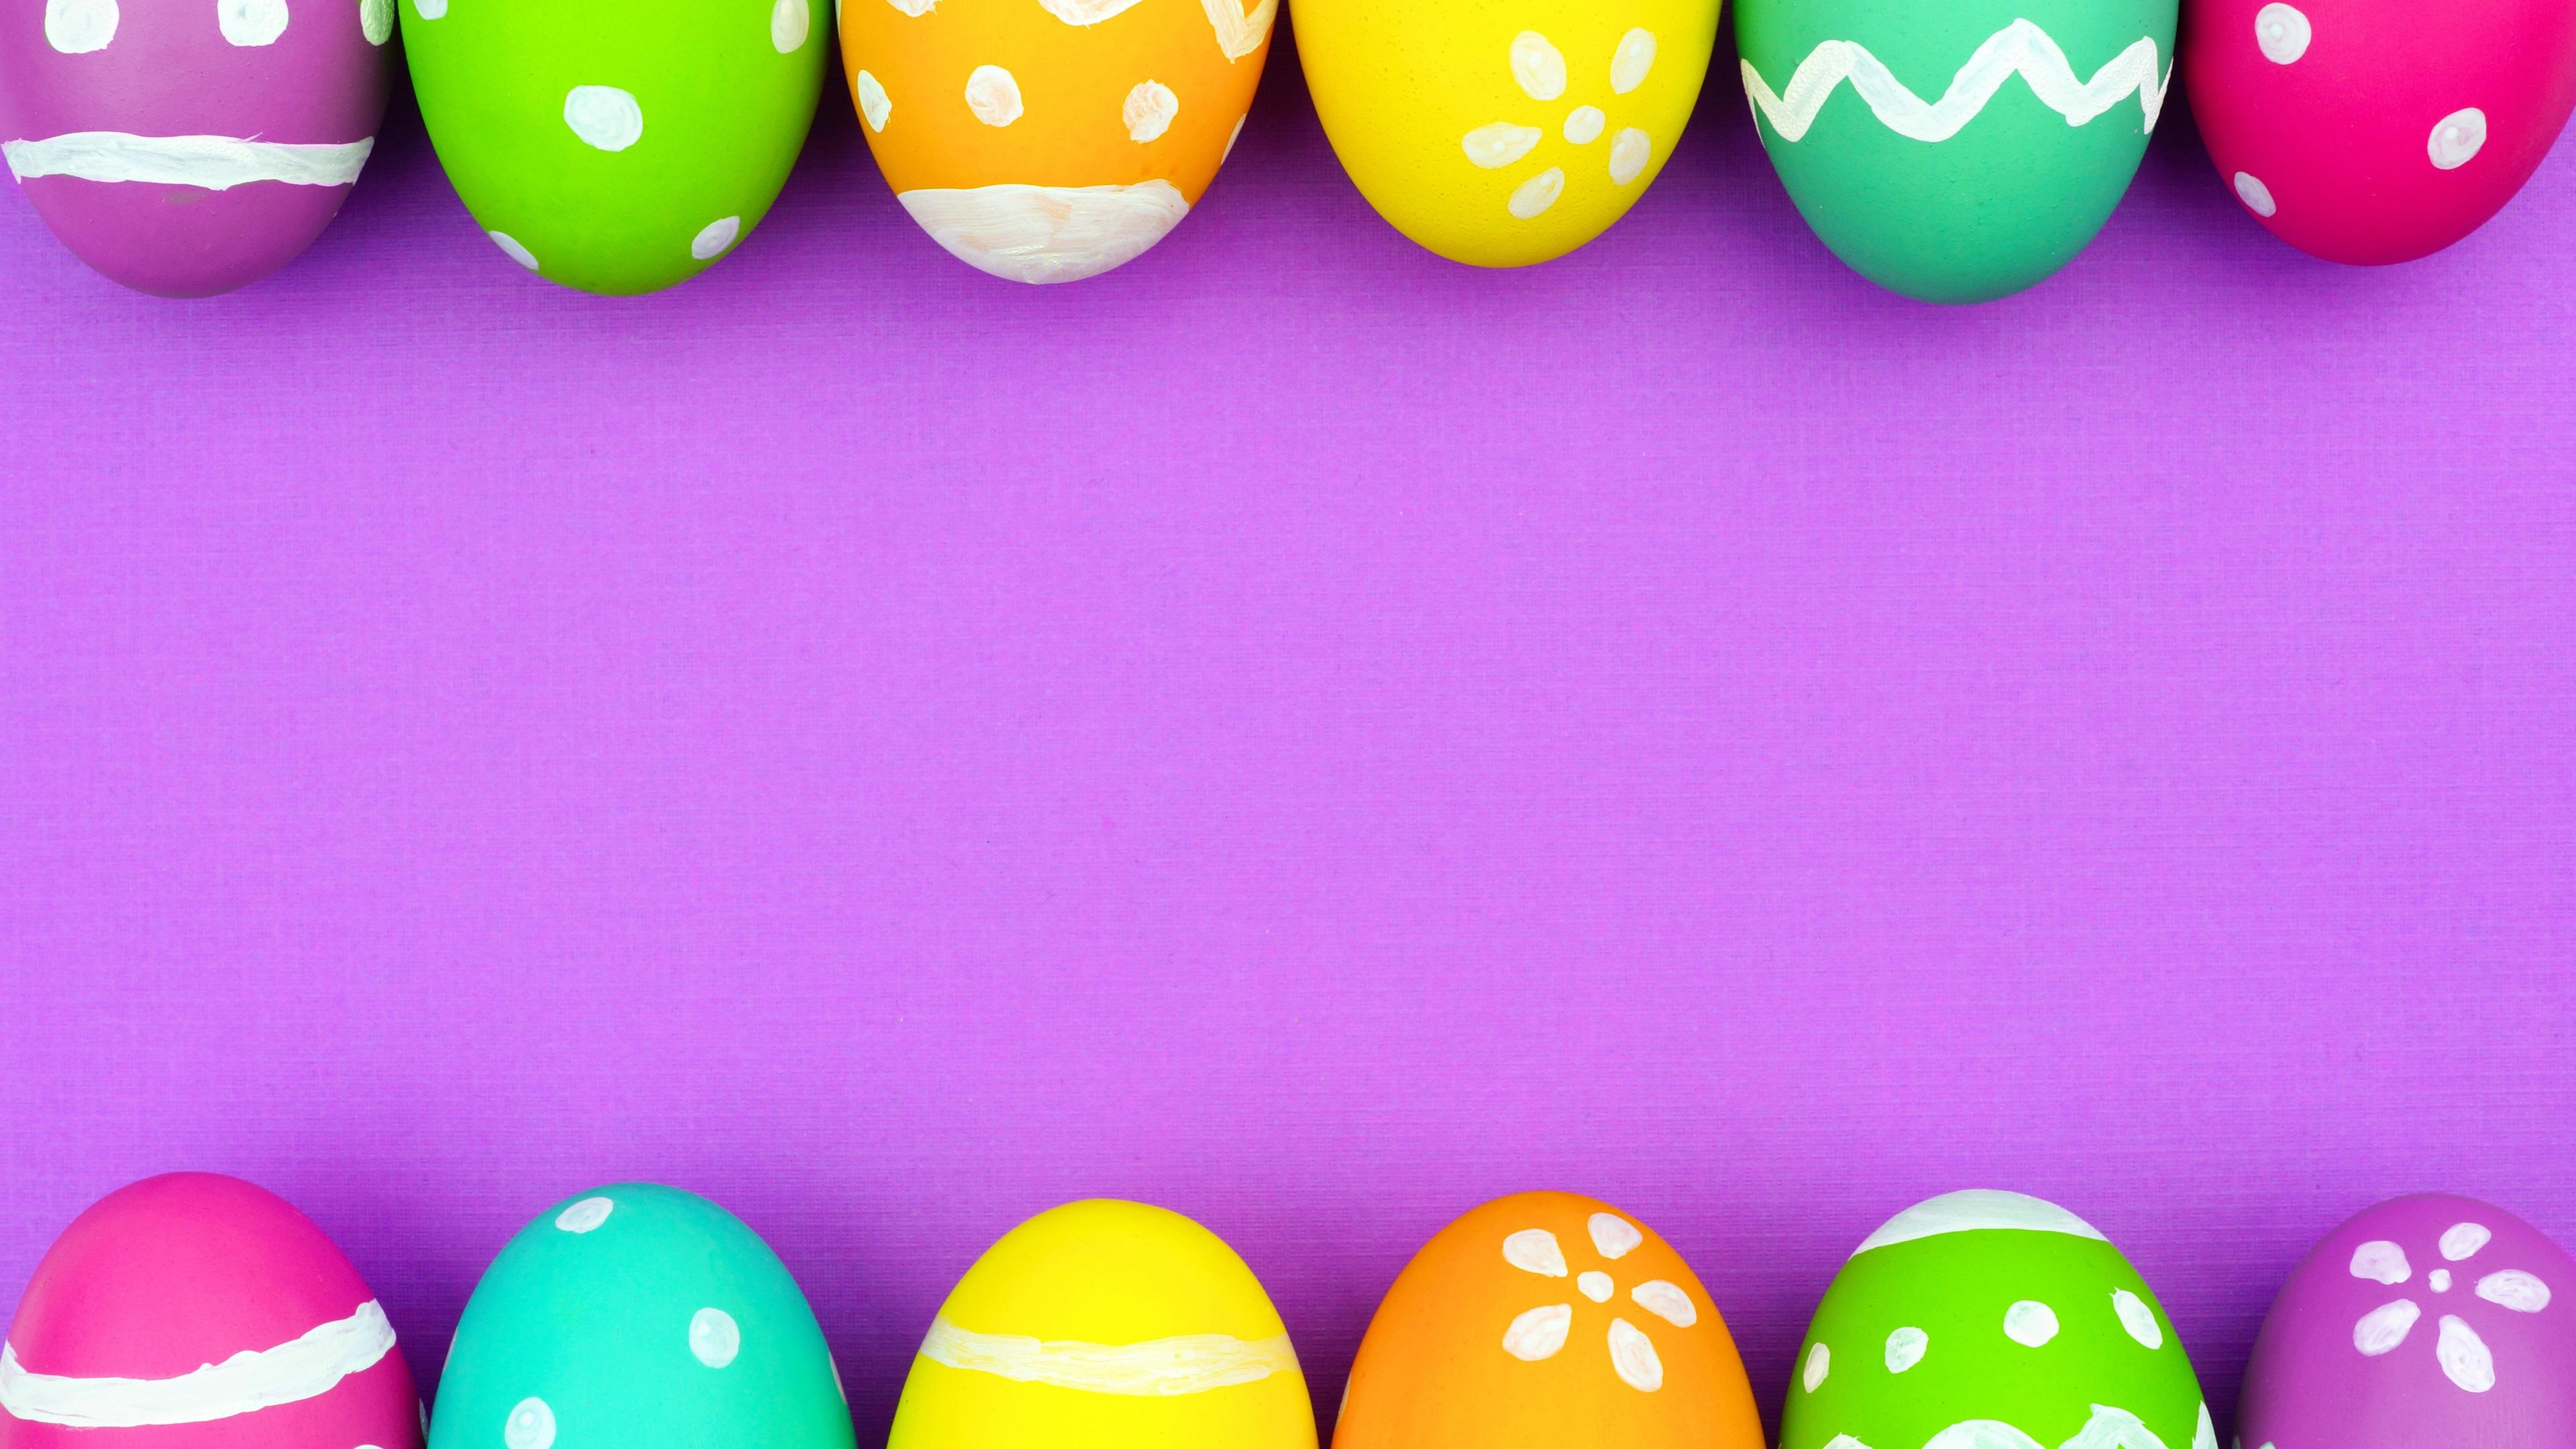 Fondos De Pantalla Coloridos Huevos De Pascua, Fondo Rosa